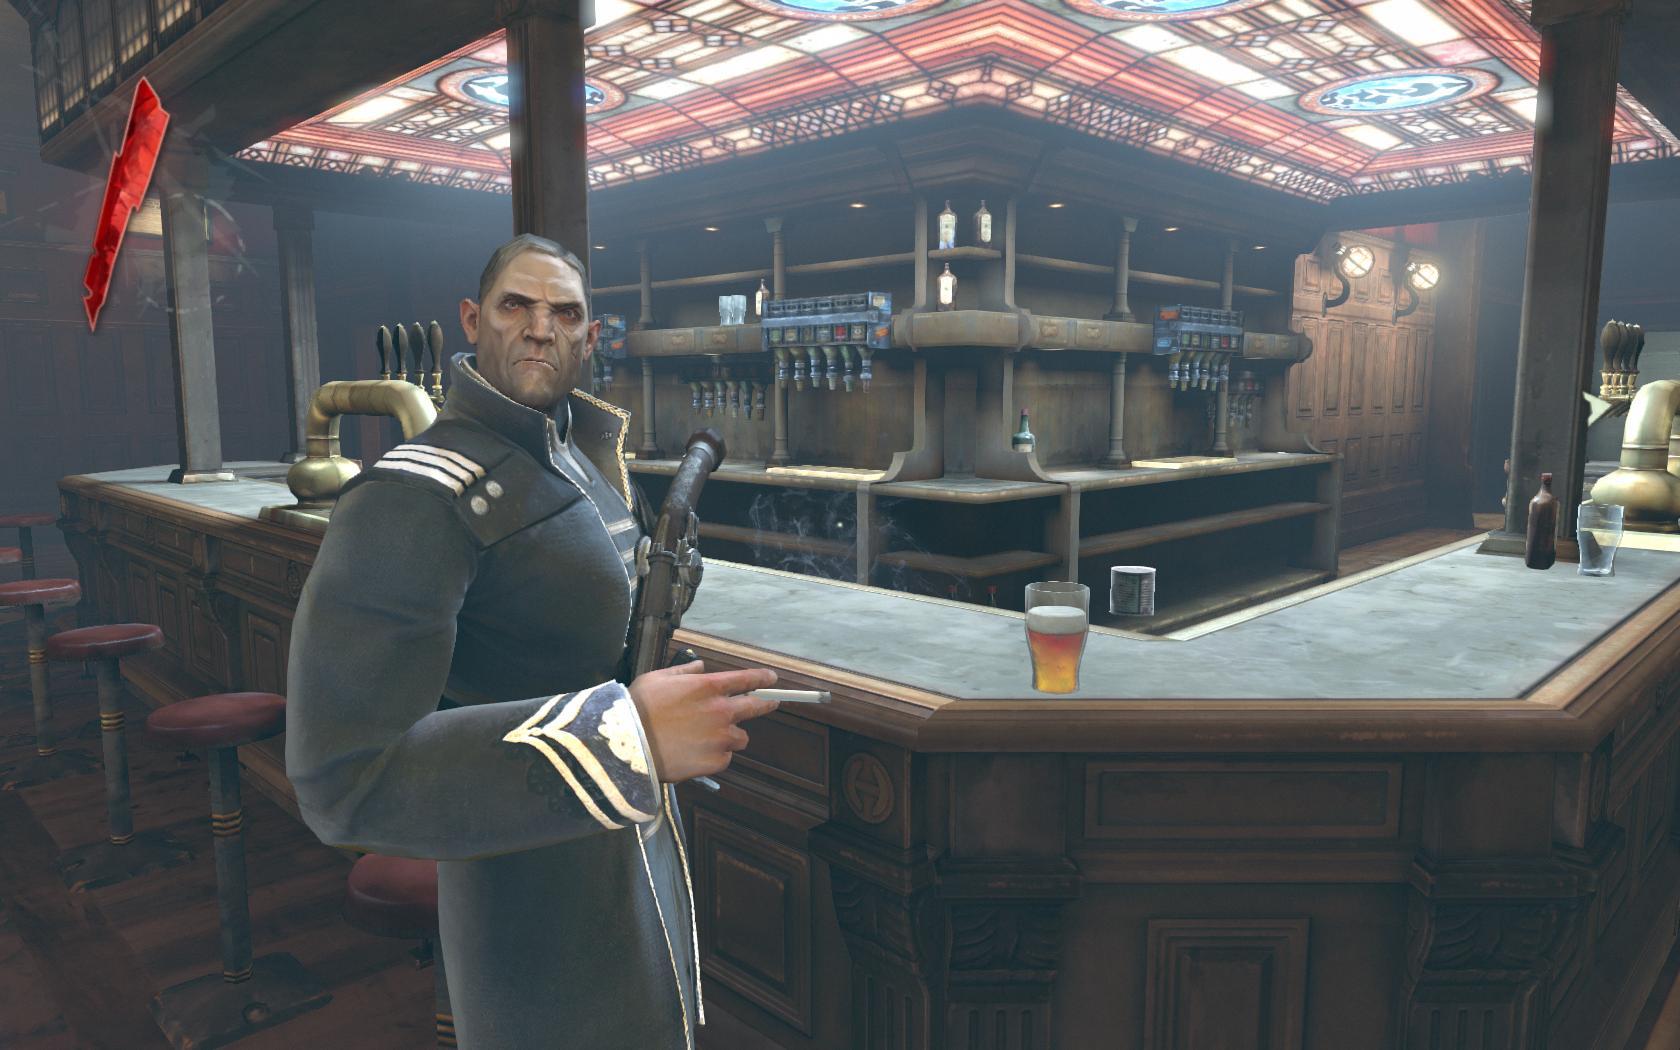 Test Dishonored: Nichts zu motzen beim Meucheln - Einer der Rebellen in unserer Basis, einem alten Pub